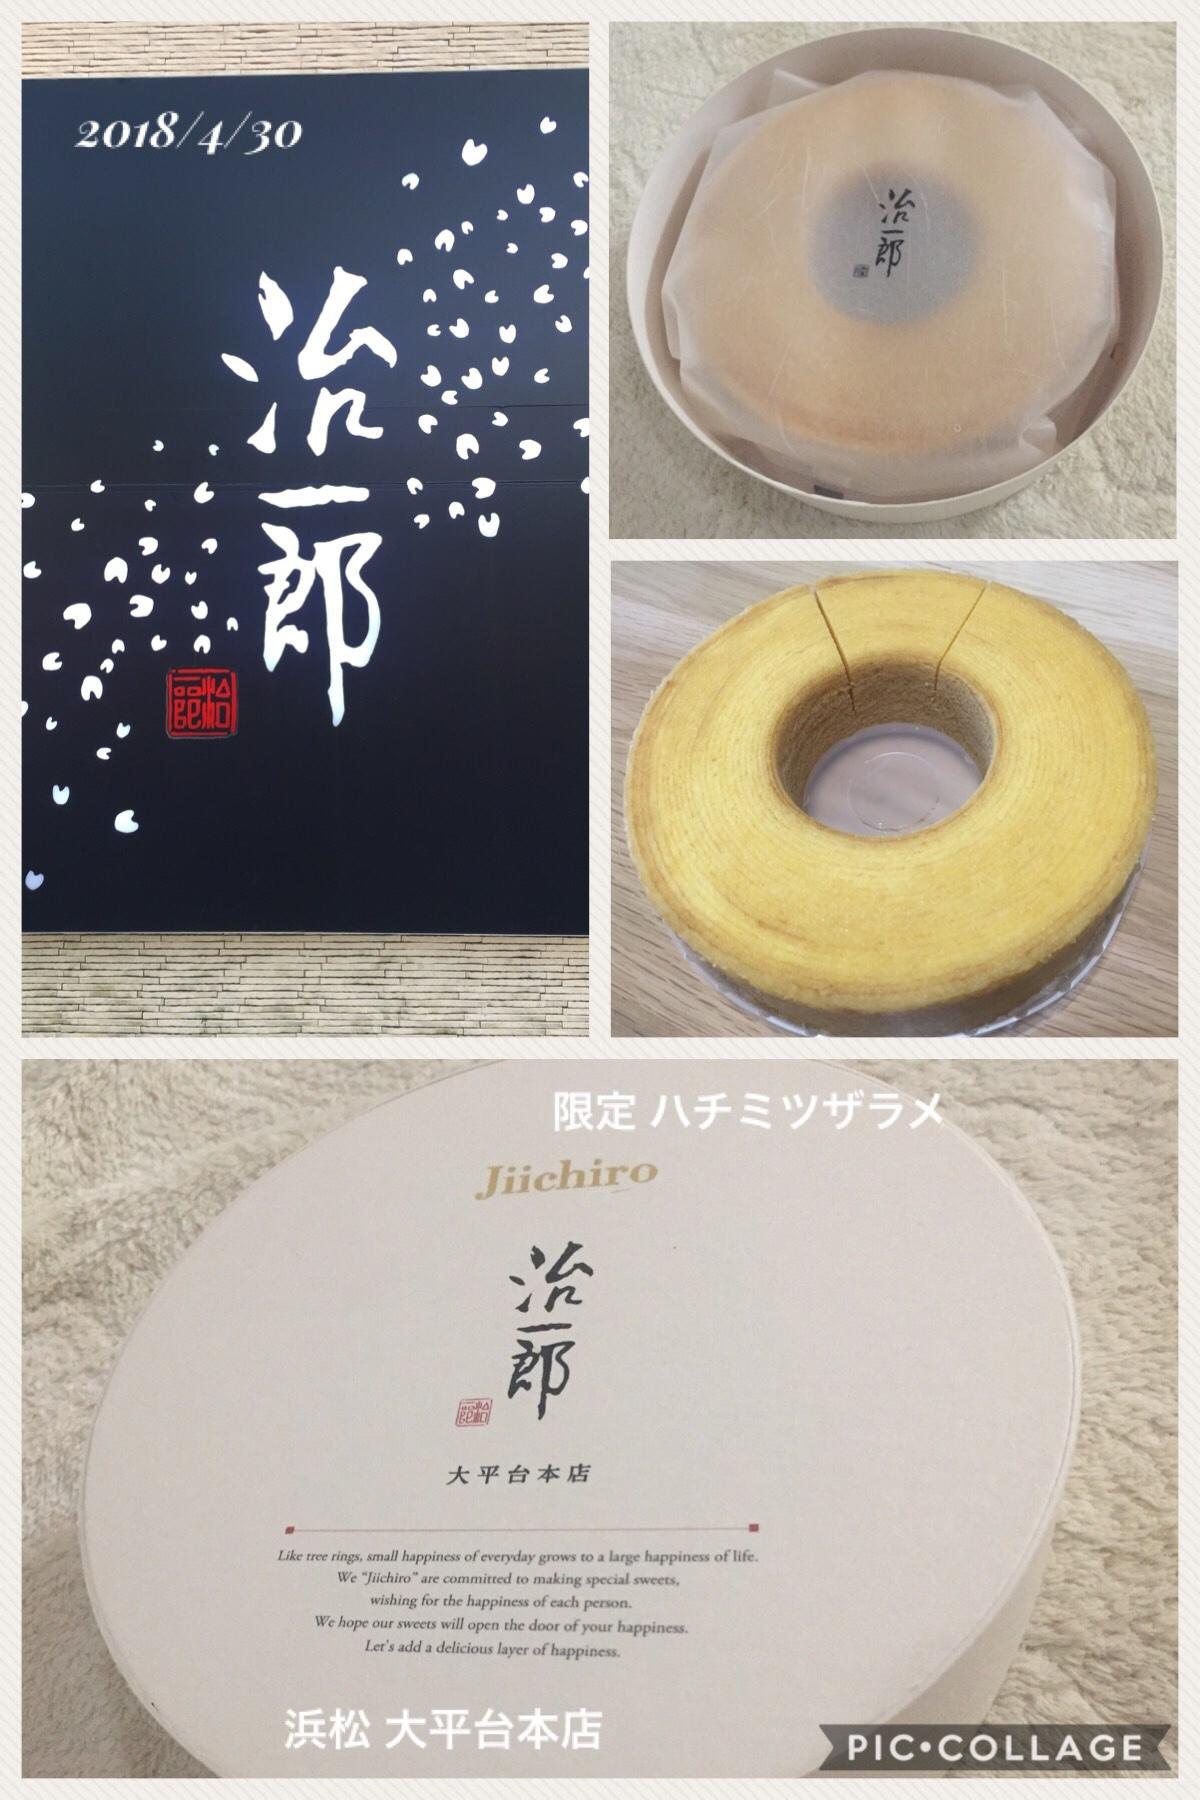 治一郎 大平台本店 name=